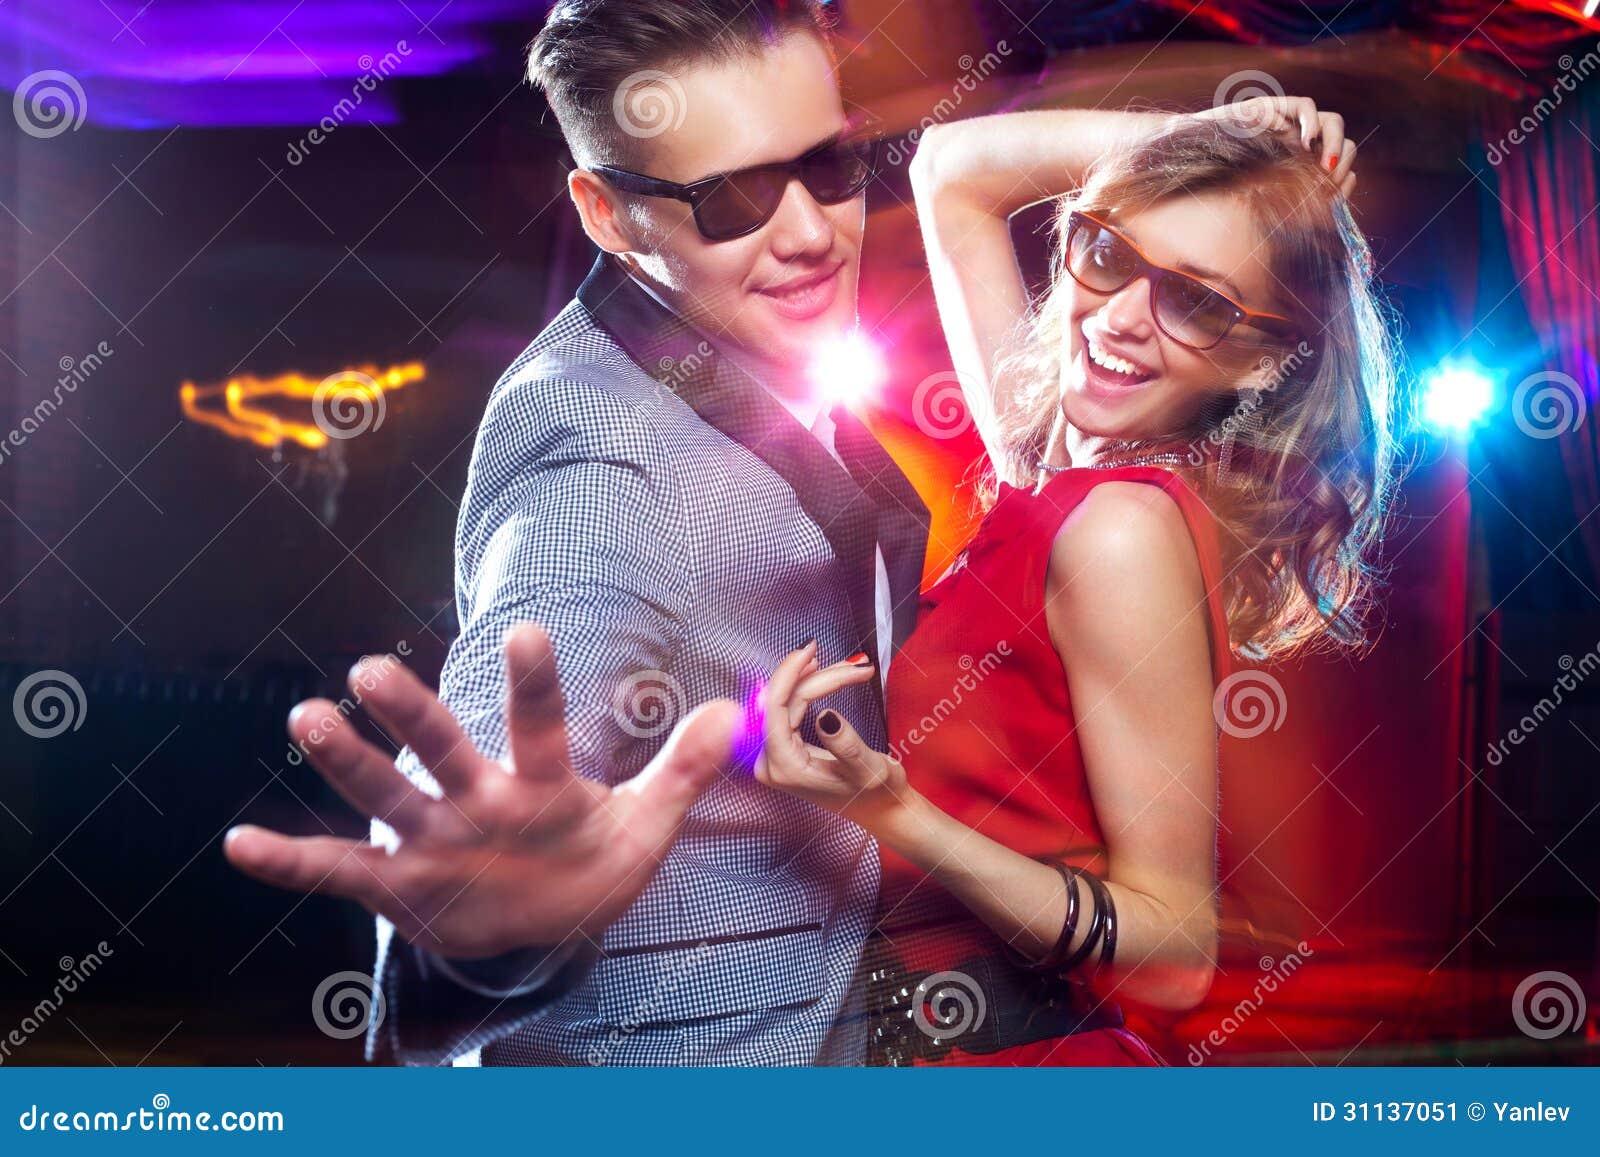 Съем девок в клубе 21 фотография